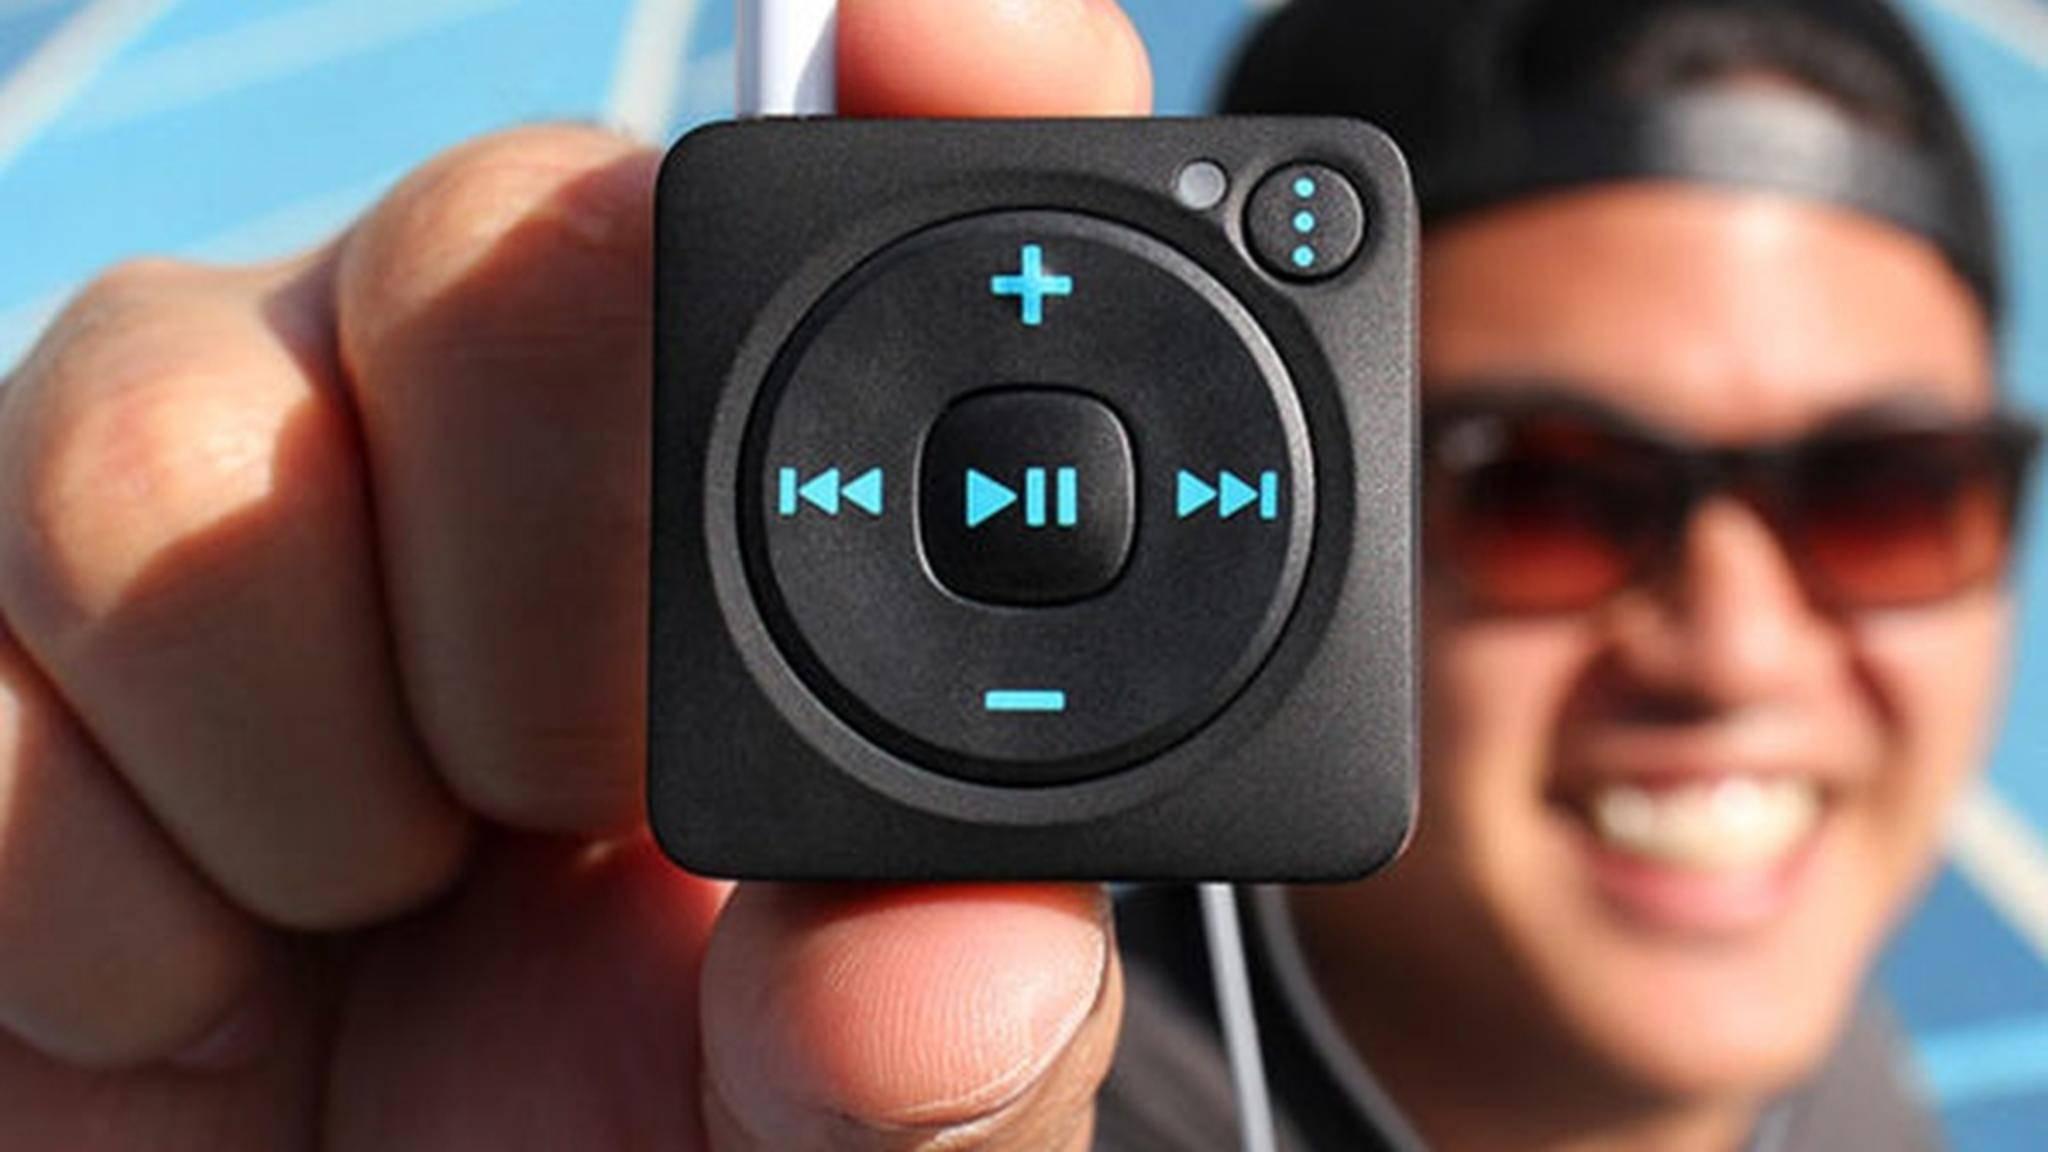 Der Mighty-Player möchte den iPod Shuffle ablösen.